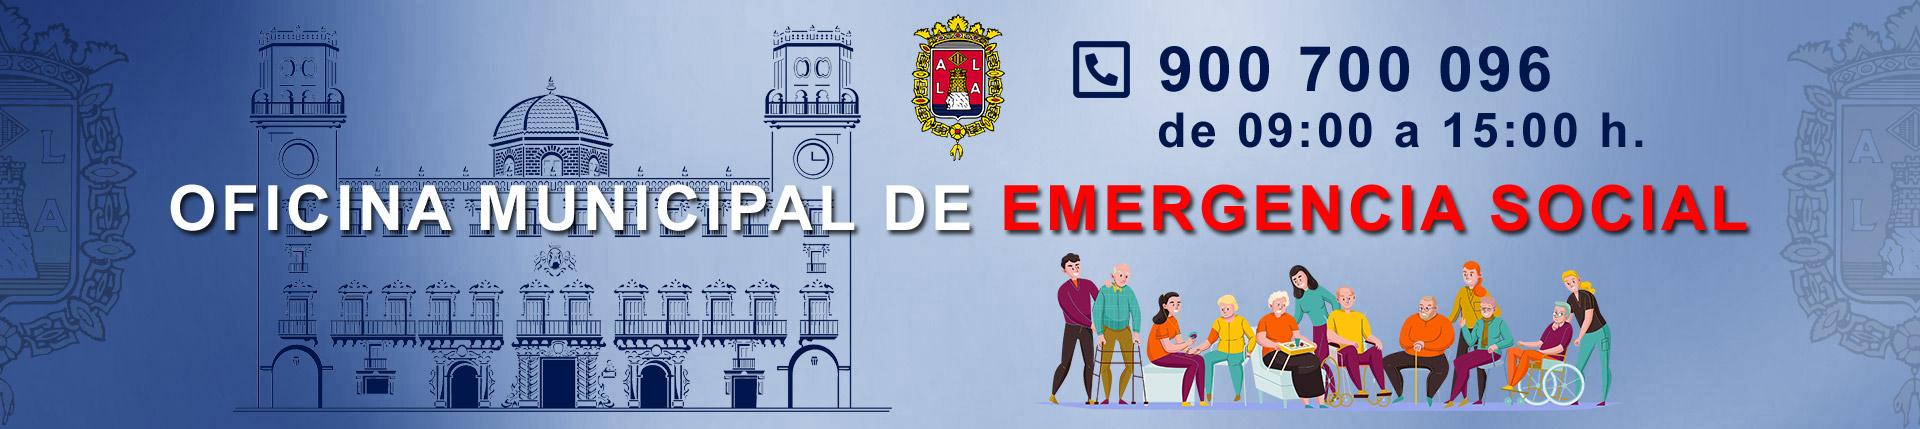 Oficina Municipal de Emergencia Social